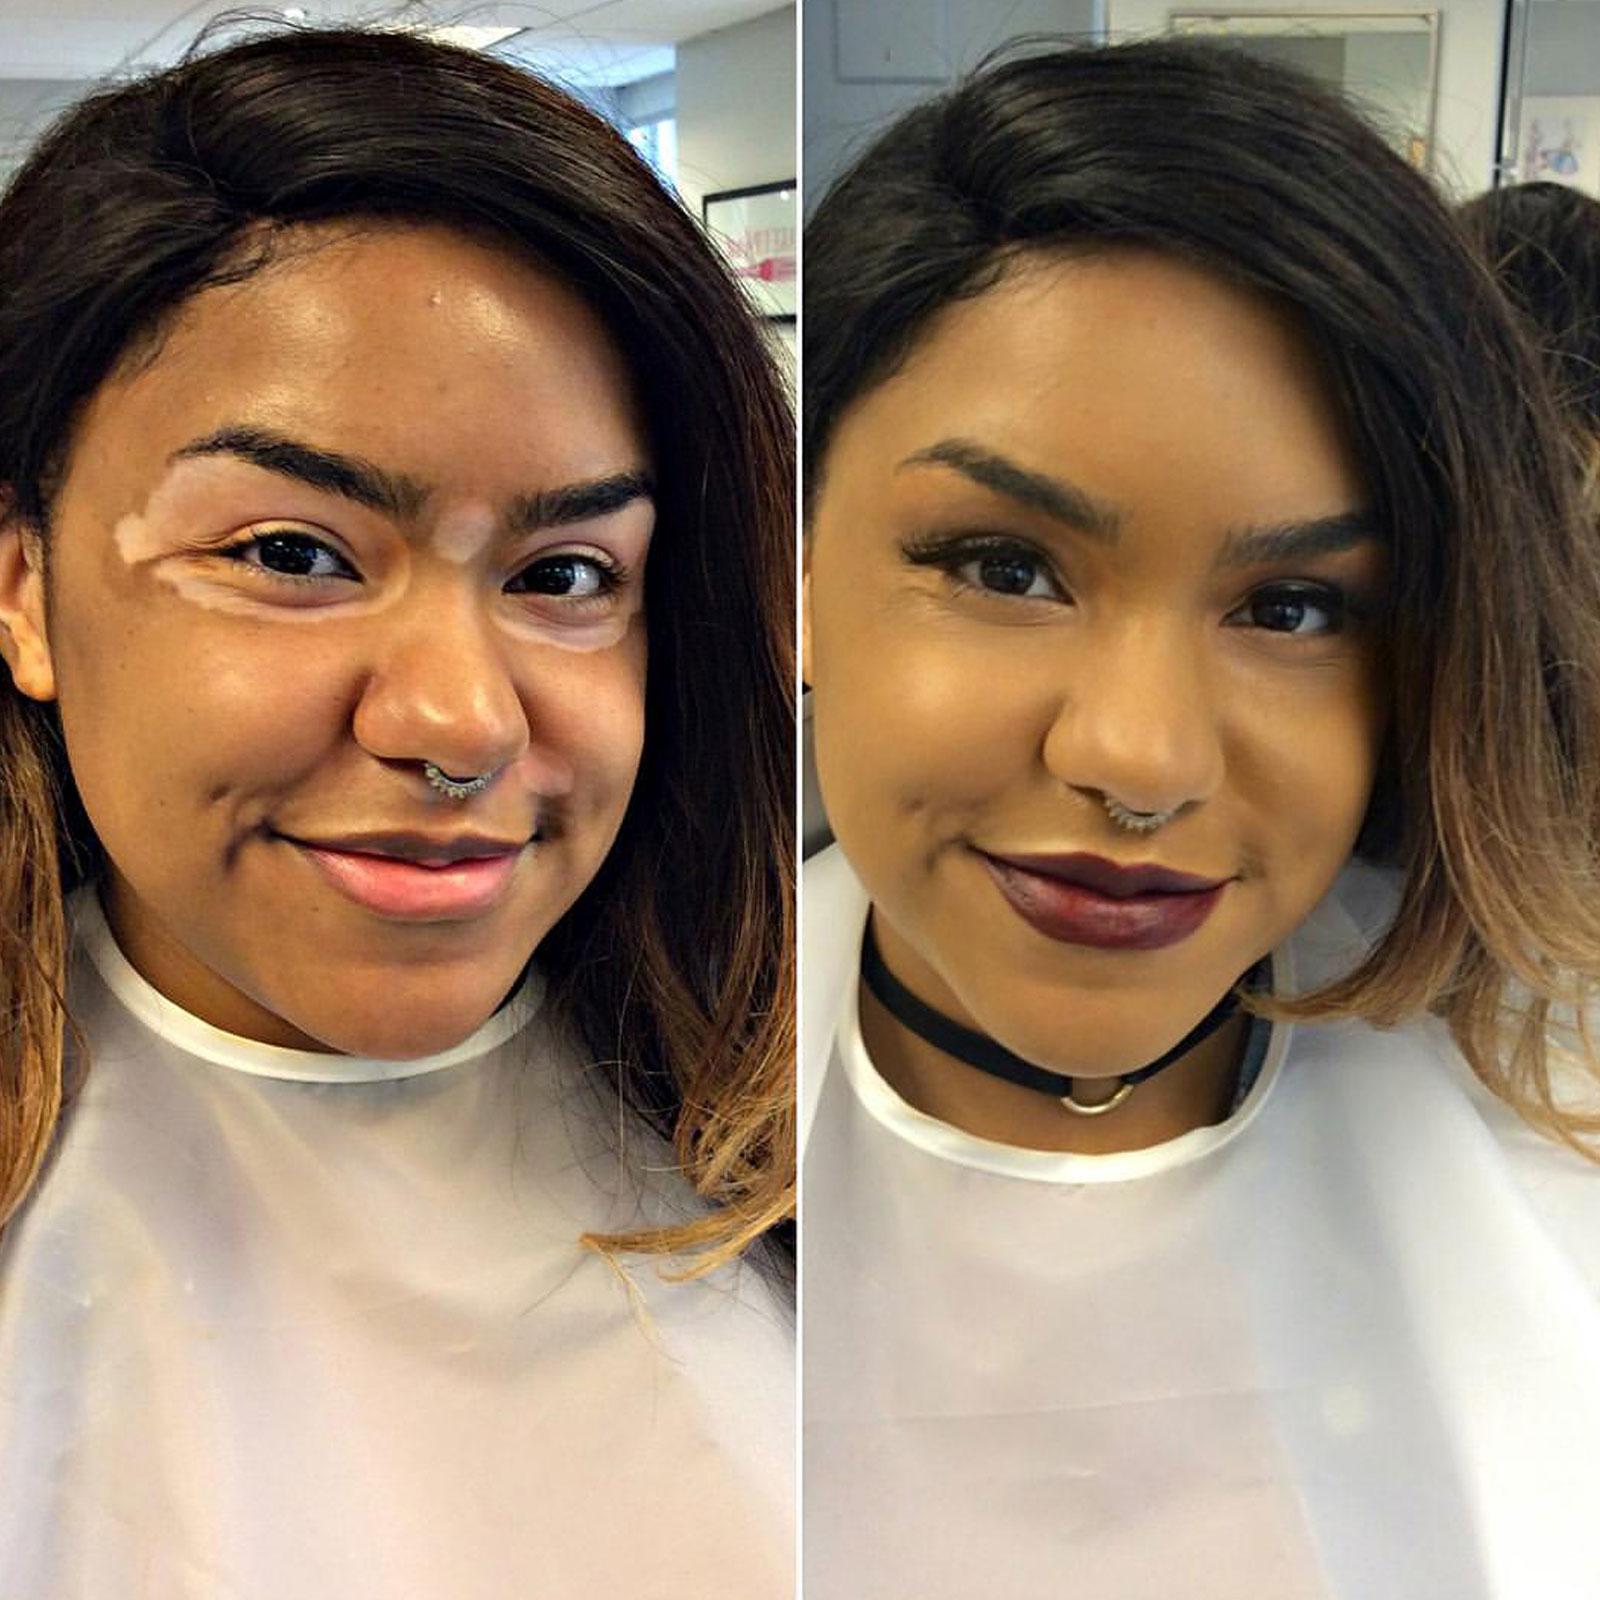 Clinical Makeup